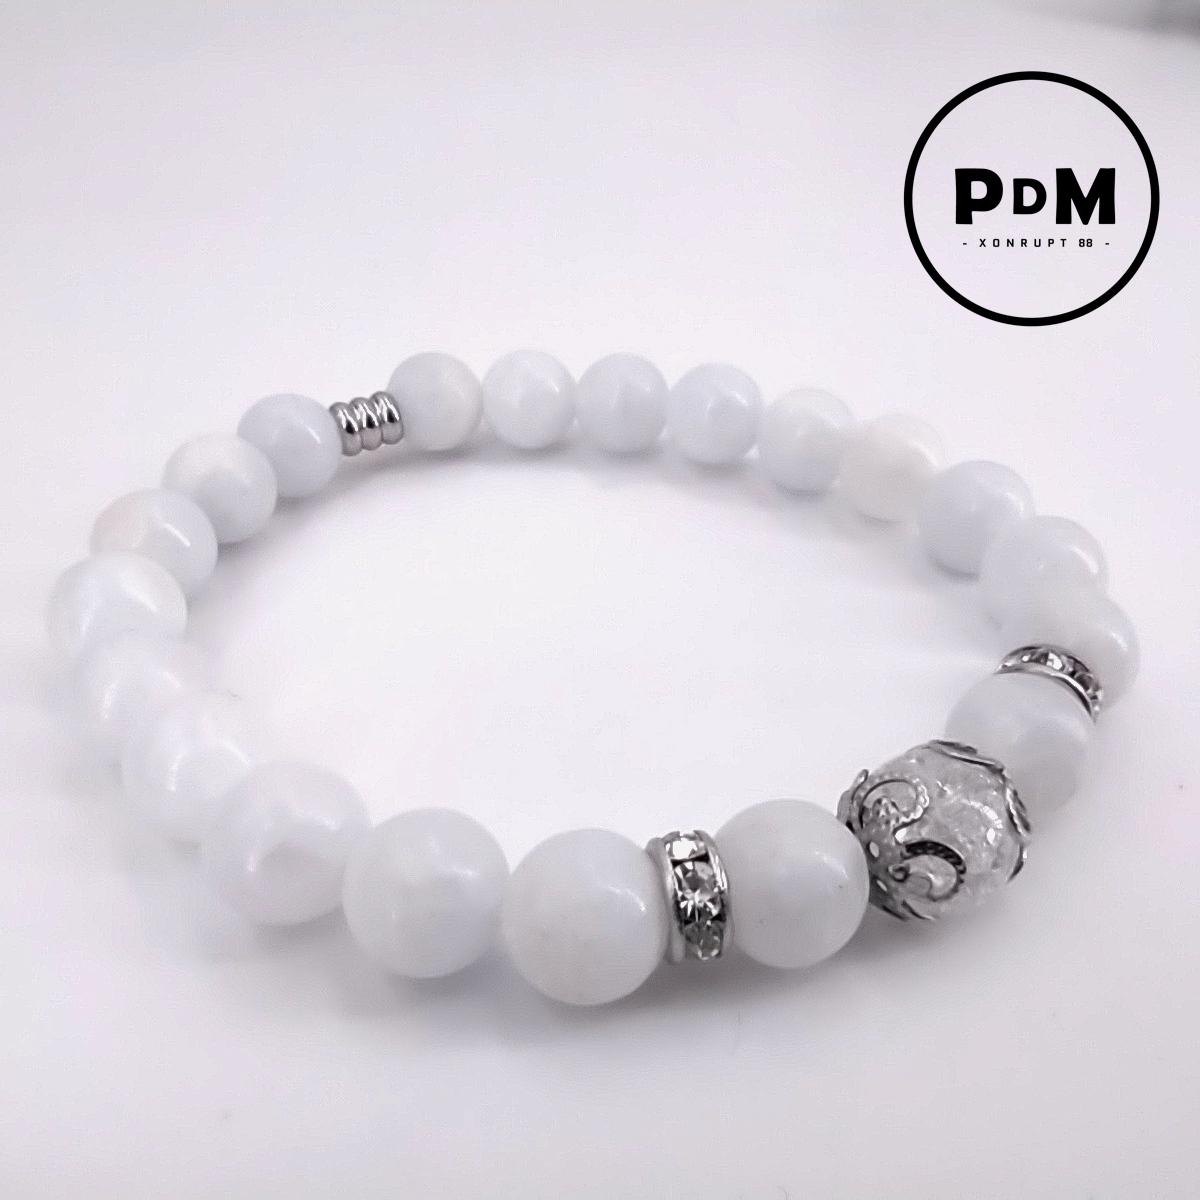 Bracelet Calcite bleue et Quartz blanc craquelé en pierre naturelle perle 8 mm strass acier